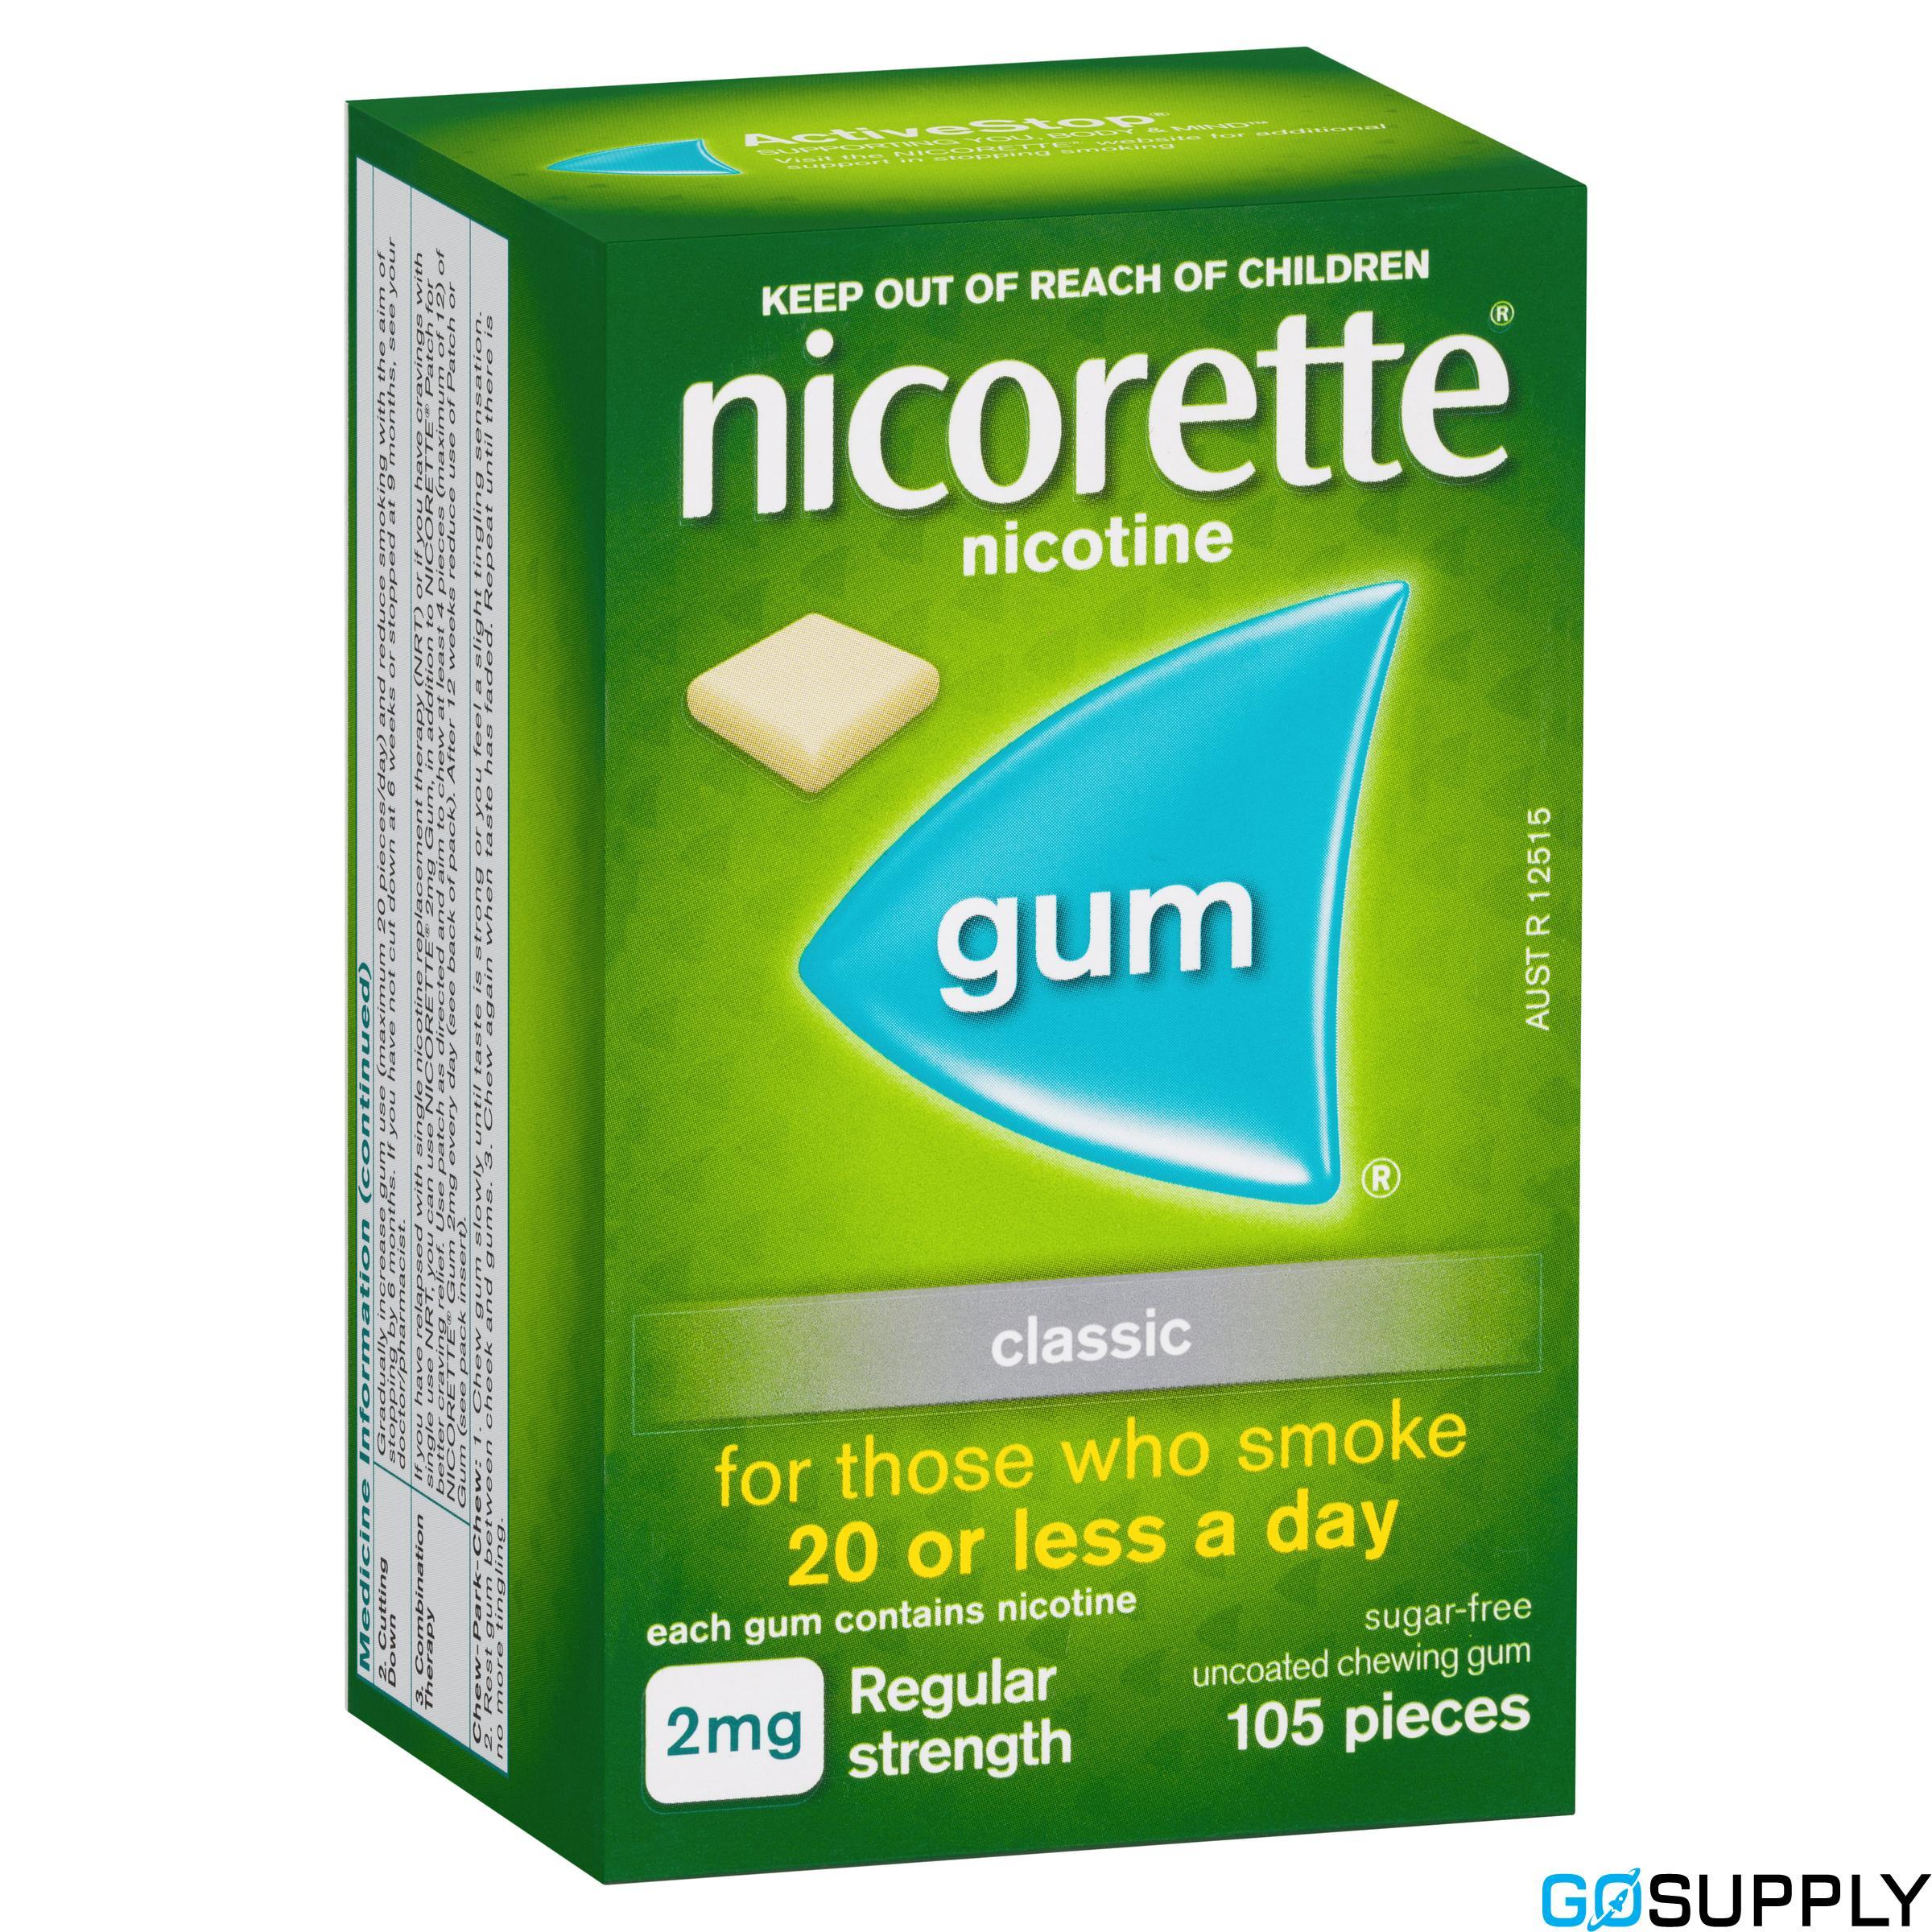 Nicorette Quit Smoking Nicotine Gum Classic 2mg Regular Strength 105 Pack